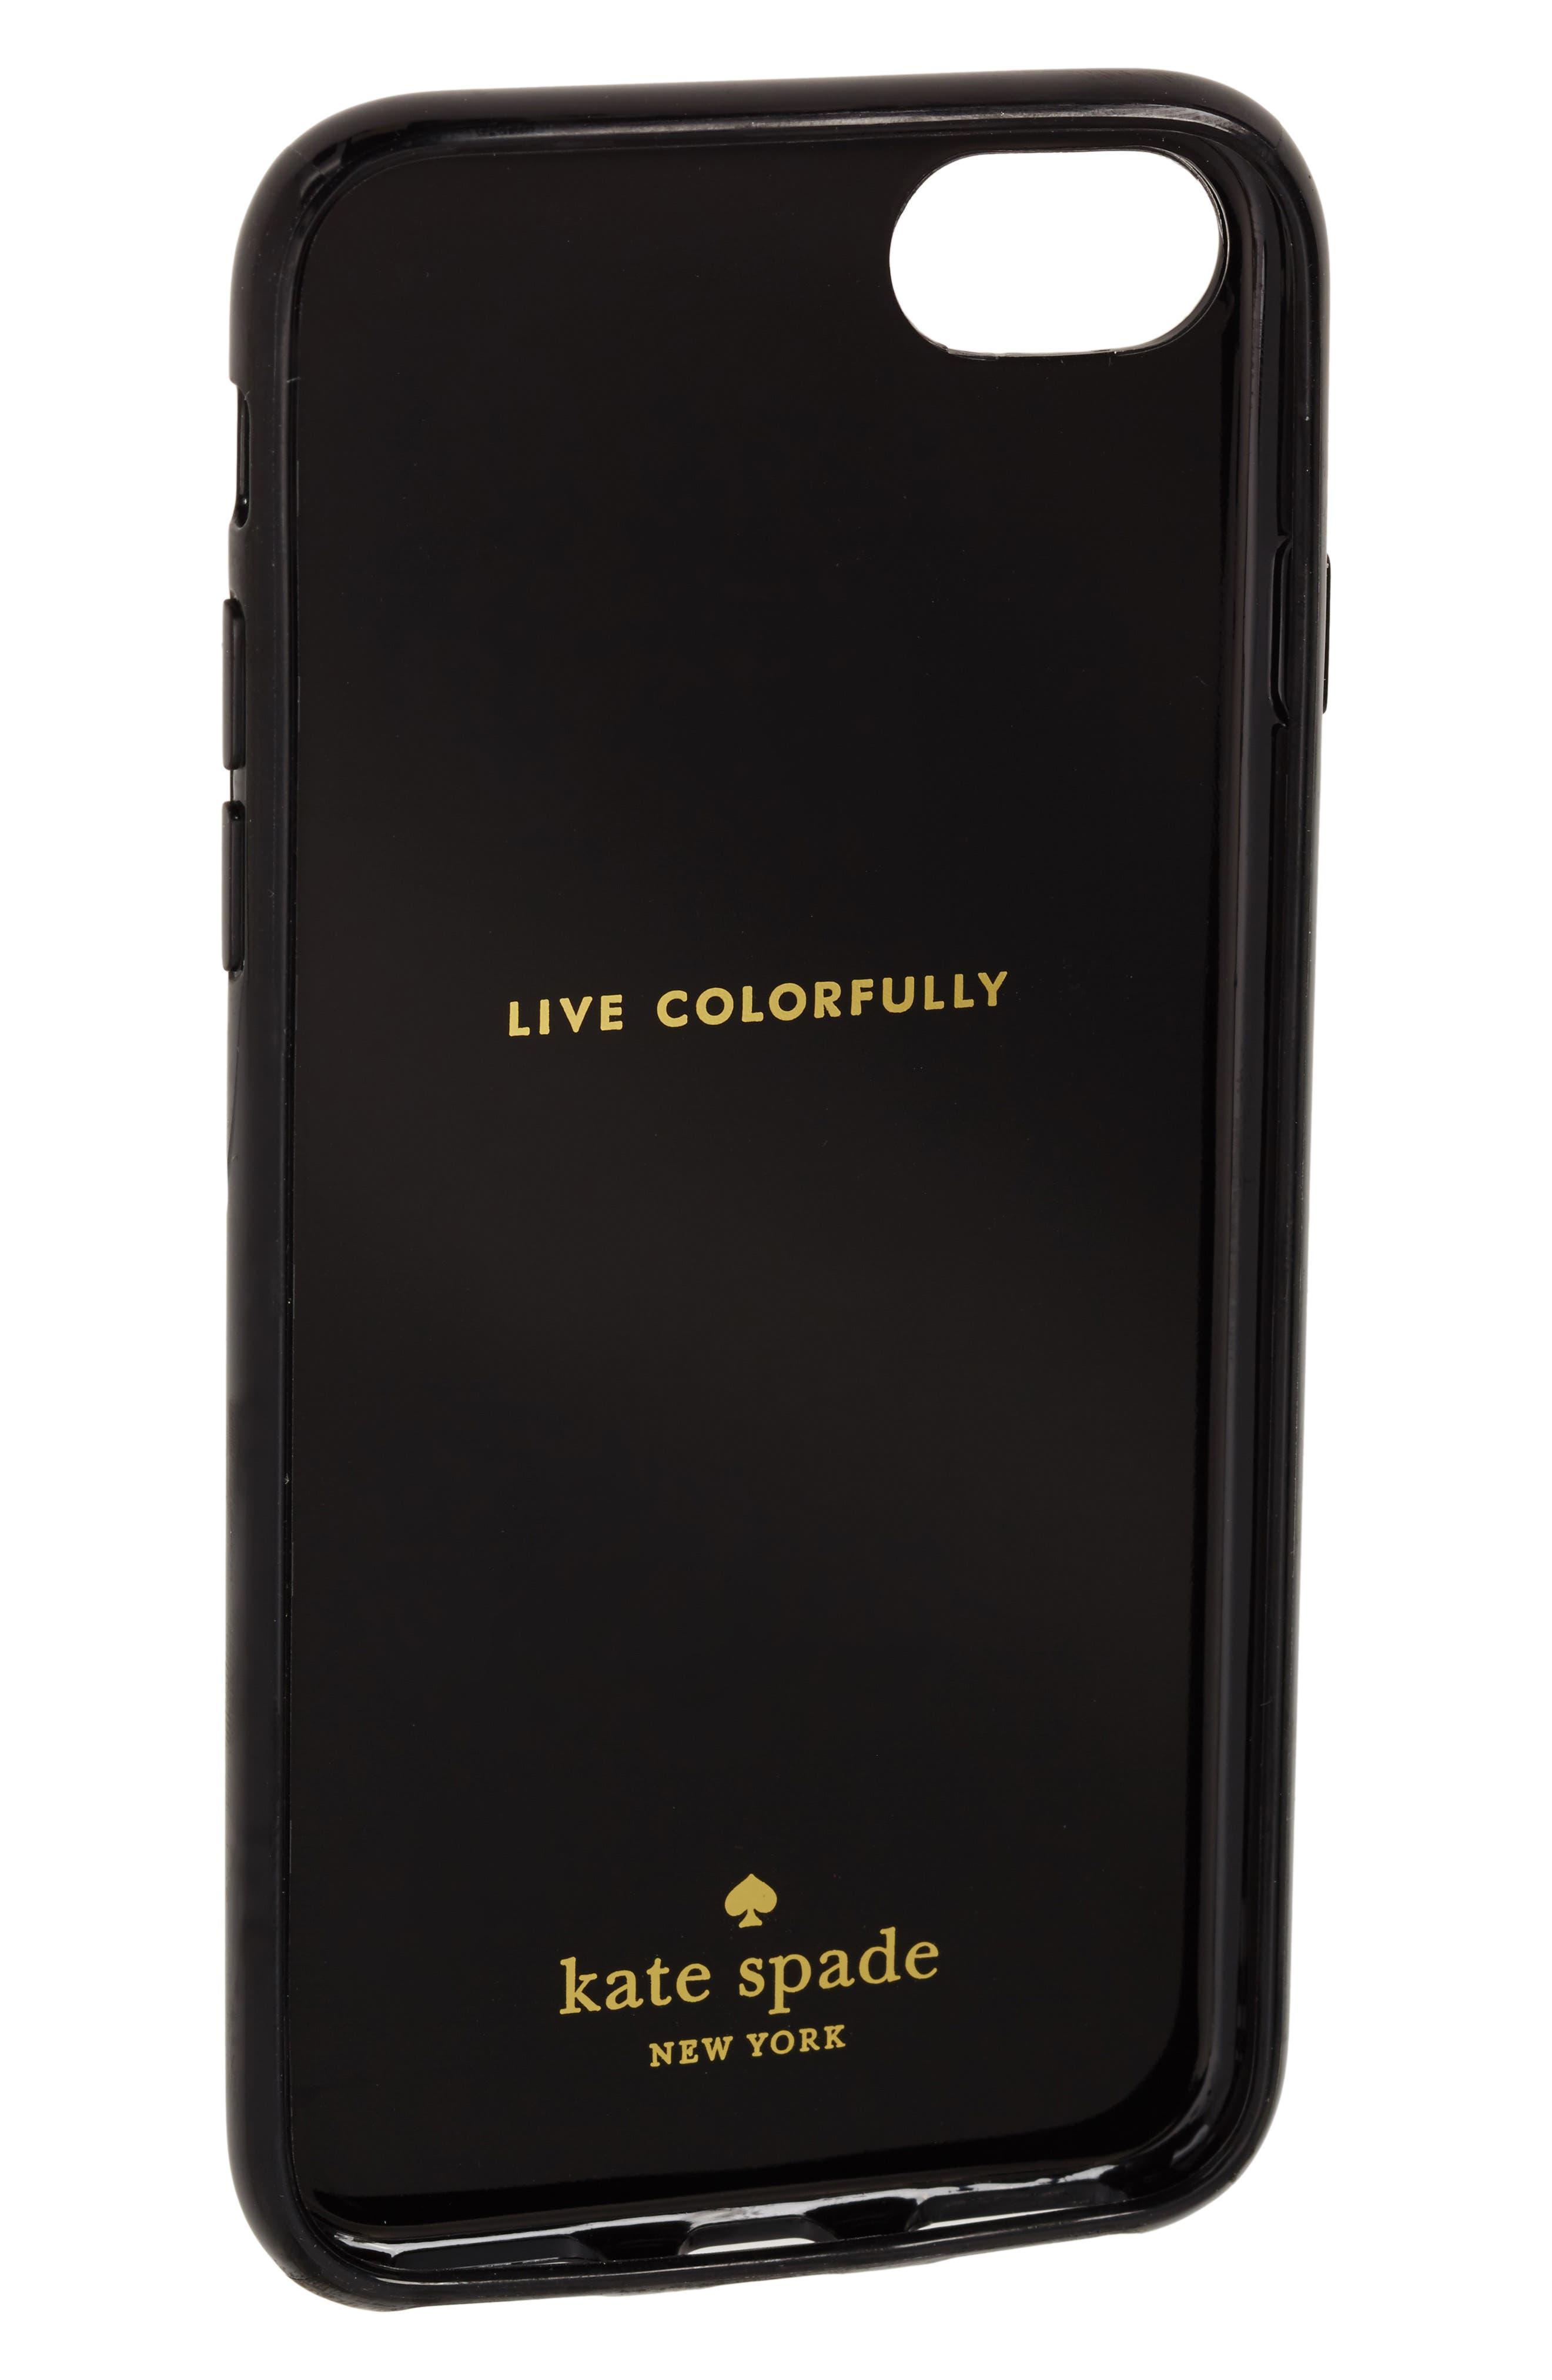 nouveau york iPhone 7/8 & 7/8 Plus case,                             Alternate thumbnail 2, color,                             038